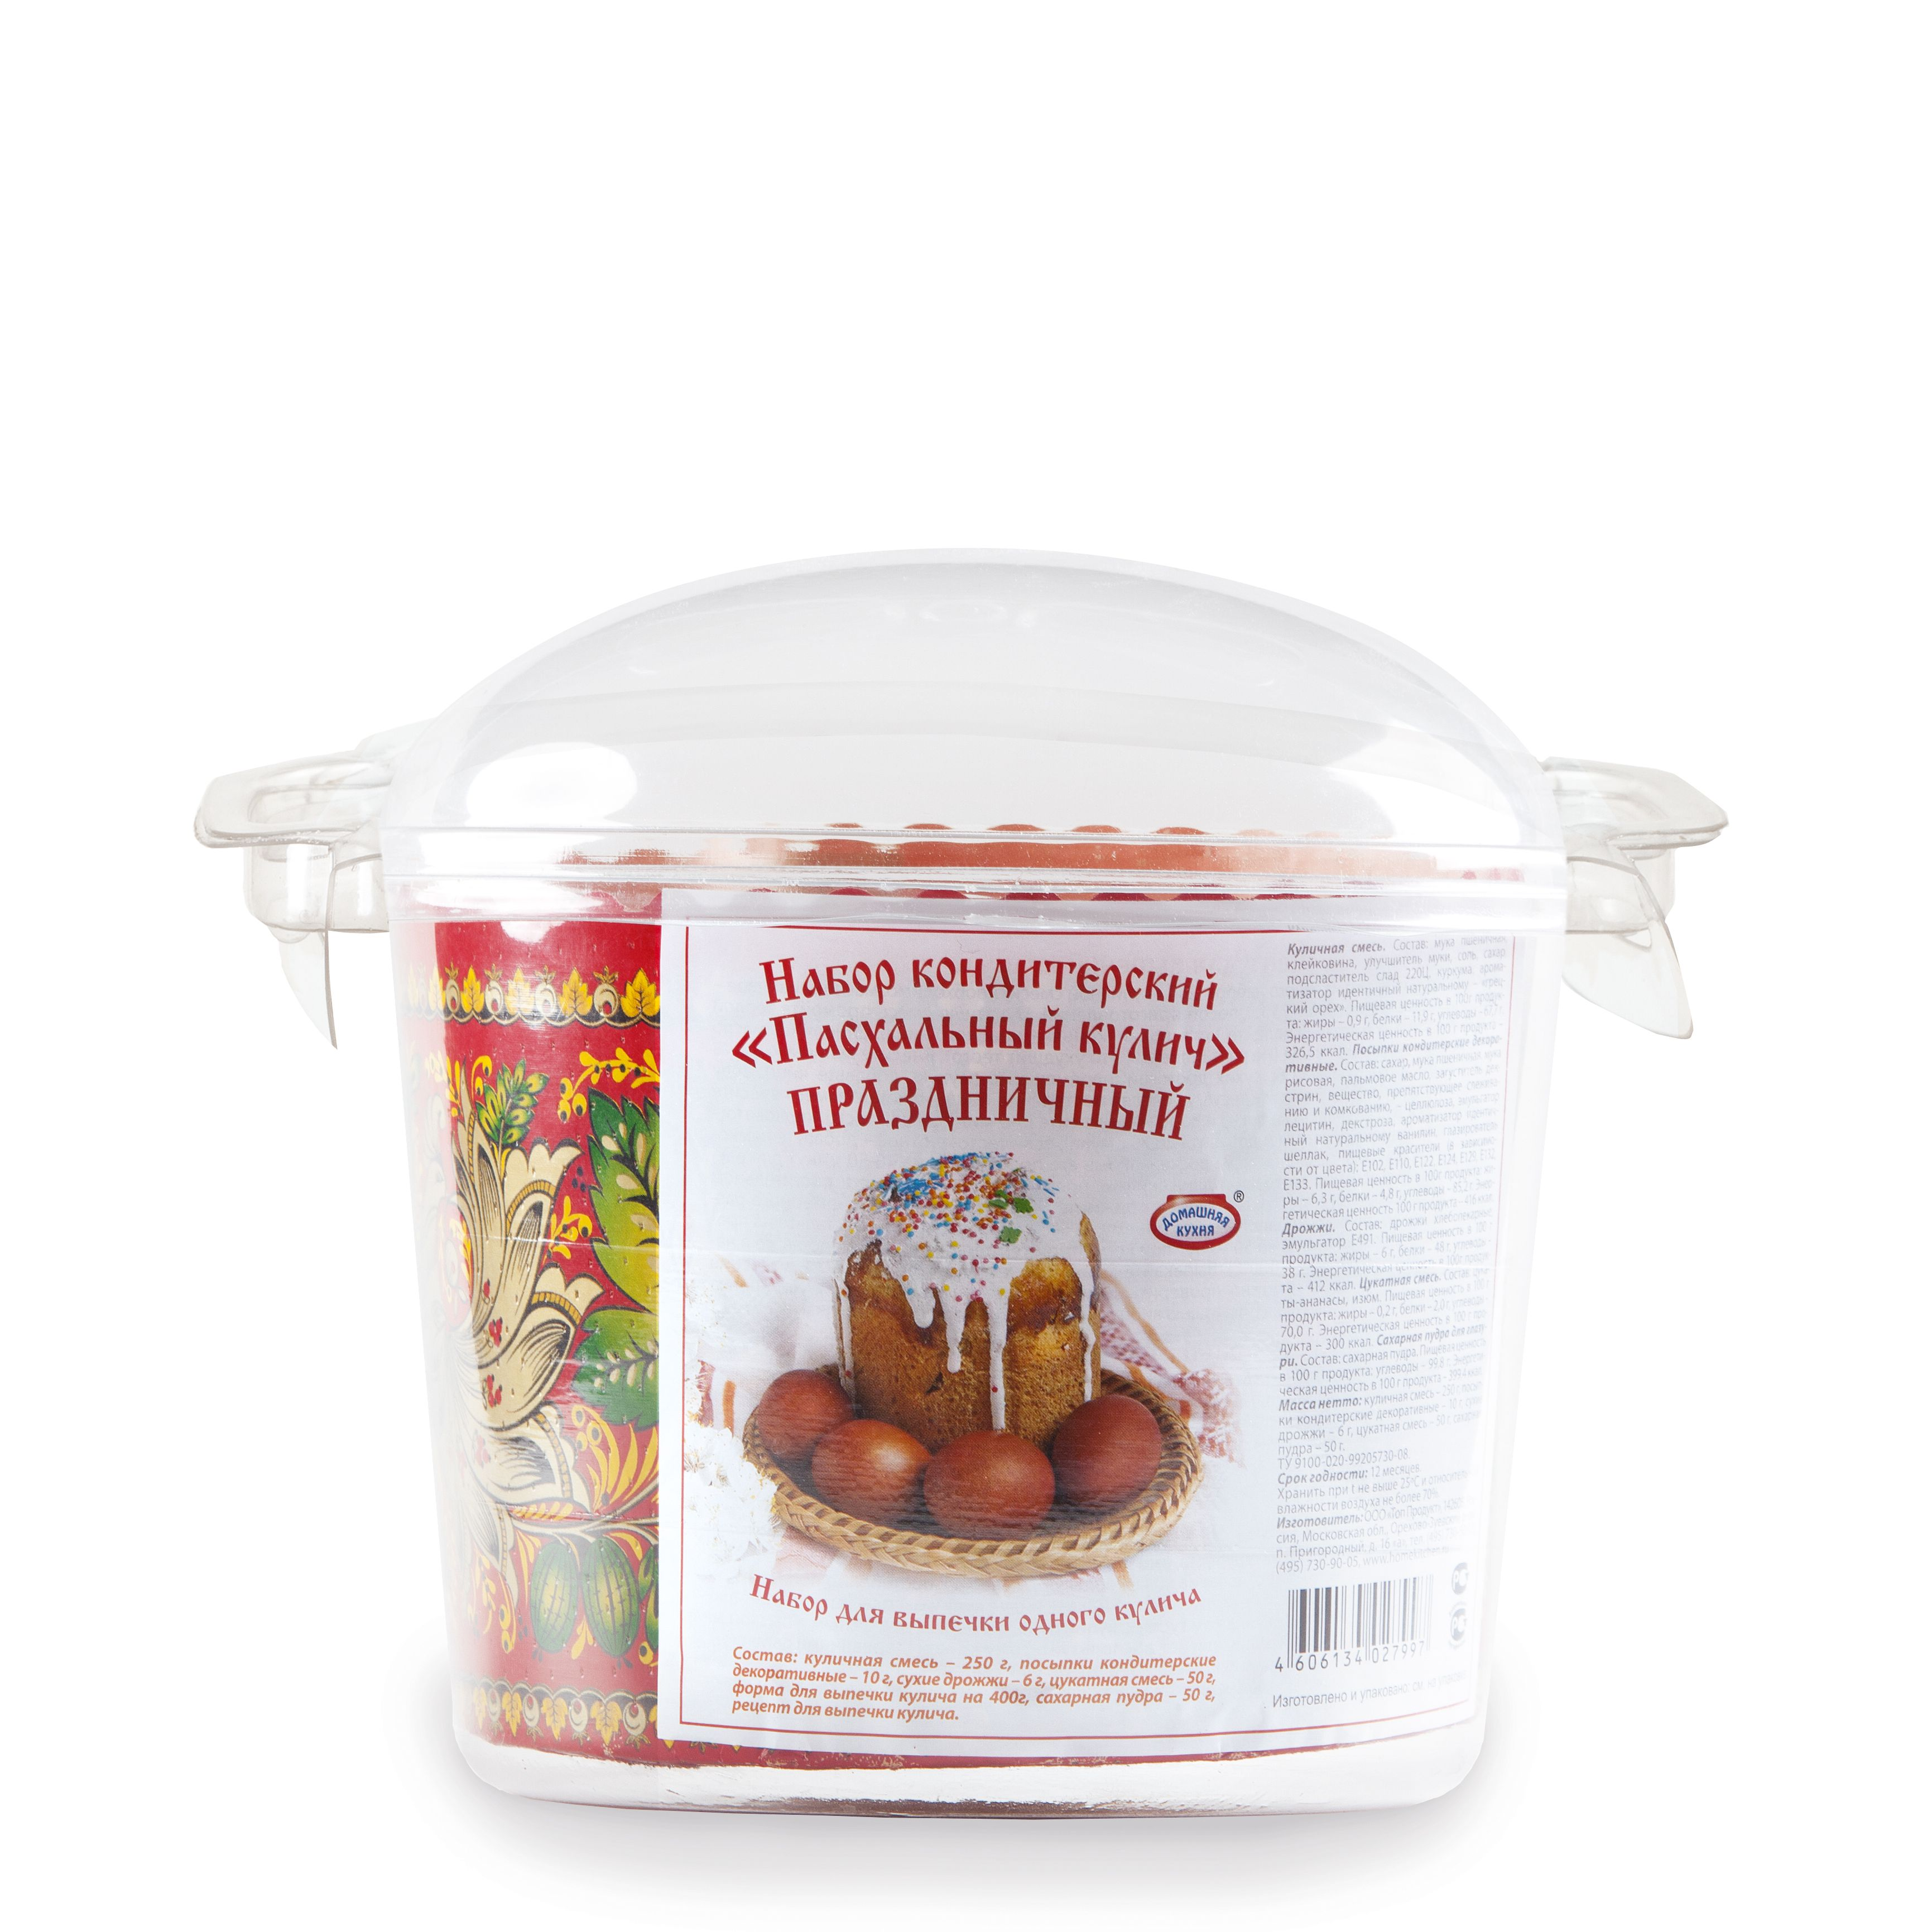 Набор кондитерский Пасхальный кулич со смесью на 1 куличНабор кондитерский Пасхальный кулич позволит вам без лишних усилий подготовиться к празднику Пасхи. Он включает в себя все ингредиенты, необходимые для приготовления одного кулича средних размеров. Благодаря тому, что все компоненты изготовлены из натуральных материалов, кулич получится не только вкусным, но и полезным для здоровья. Надежная упаковка защищает ингредиенты при перевозке, поэтому вы сможете взять набор с собой в гости, и порадовать своих родственников и друзей свежеприготовленным куличом.<br>